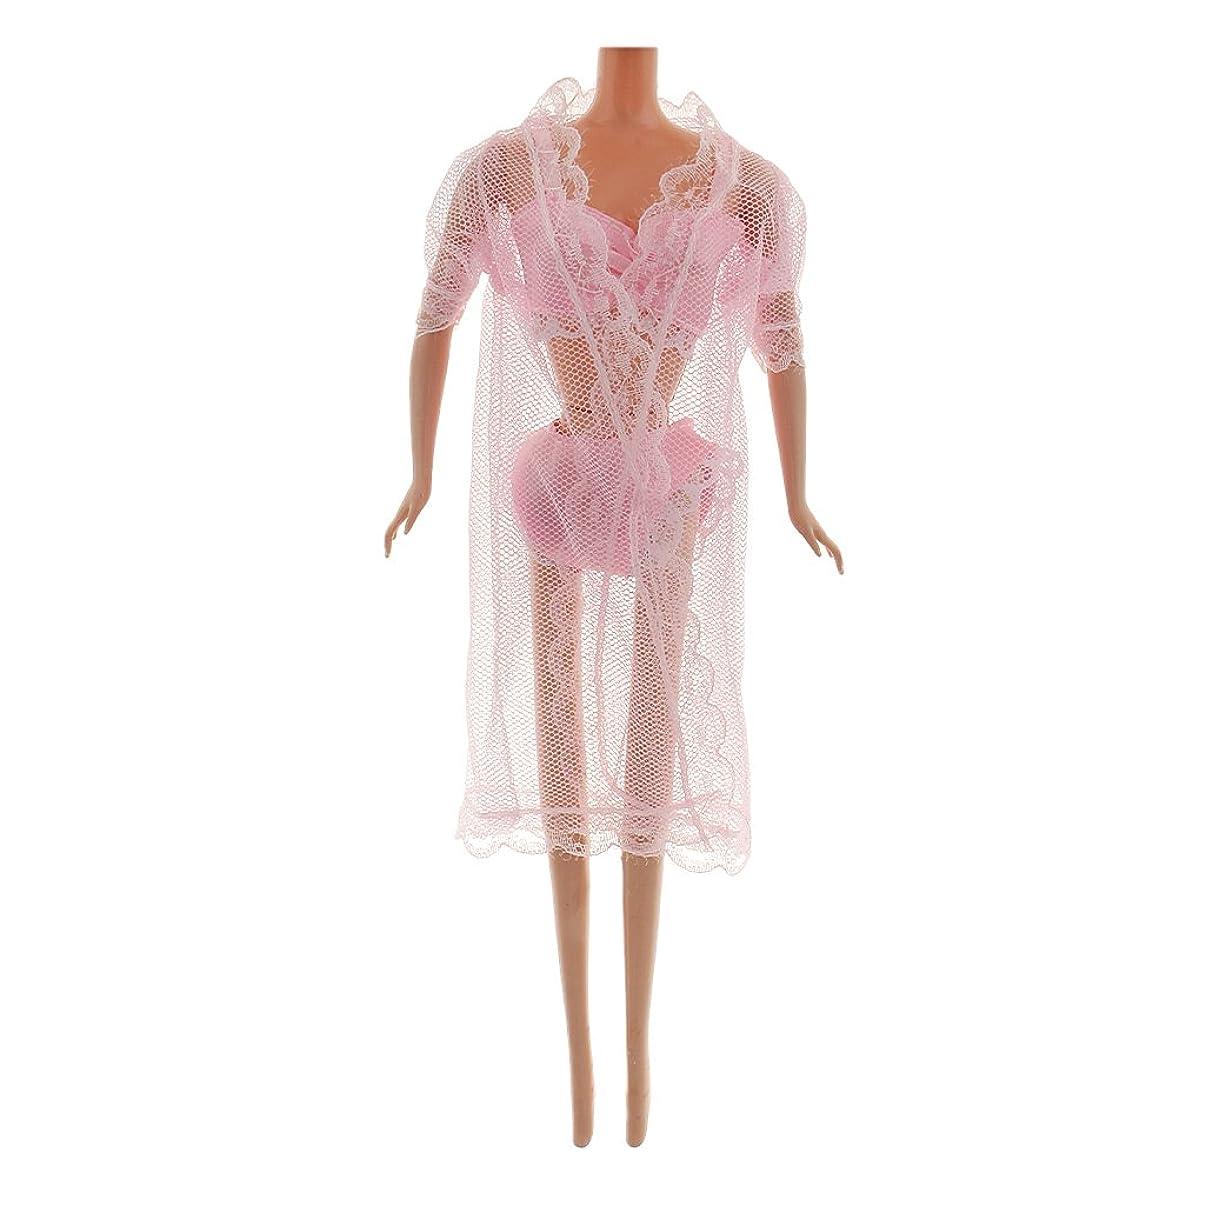 歴史触手協力する人形服 レース パジャマ 装飾 アクセサリー 贈り物 ピンク